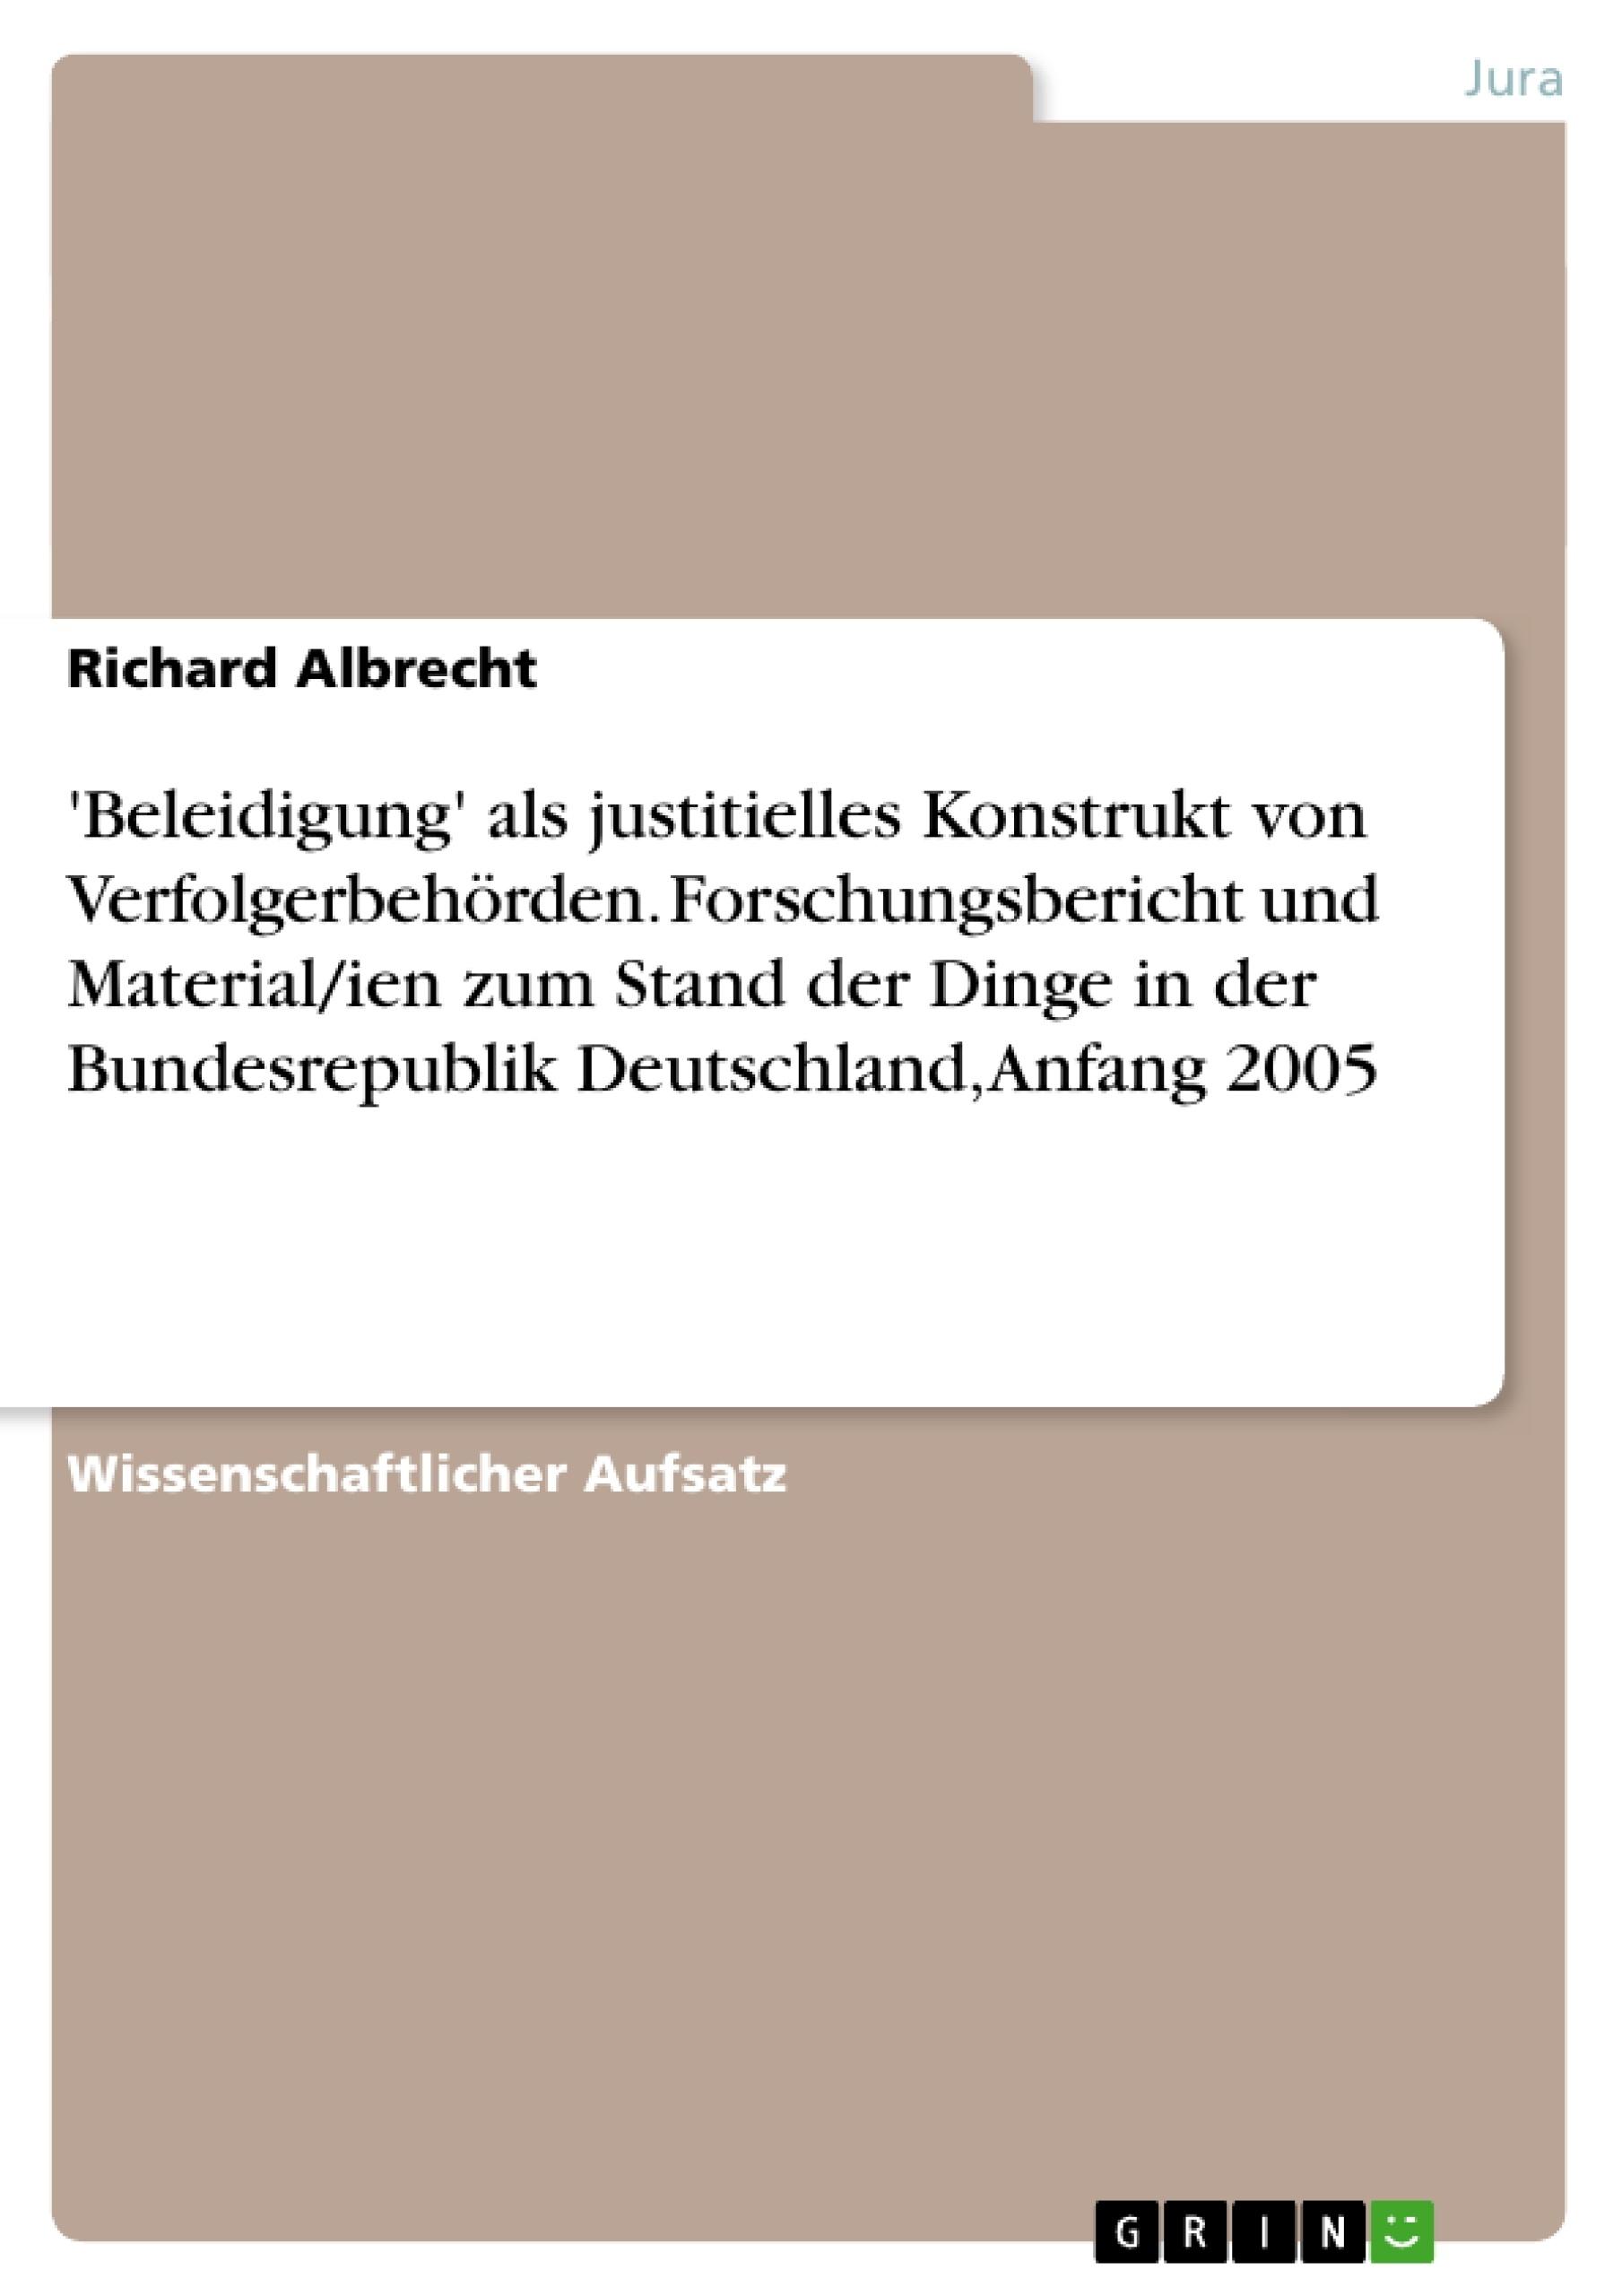 Titel: 'Beleidigung' als justitielles Konstrukt von Verfolgerbehörden. Forschungsbericht und Material/ien zum Stand der Dinge in der Bundesrepublik Deutschland, Anfang 2005